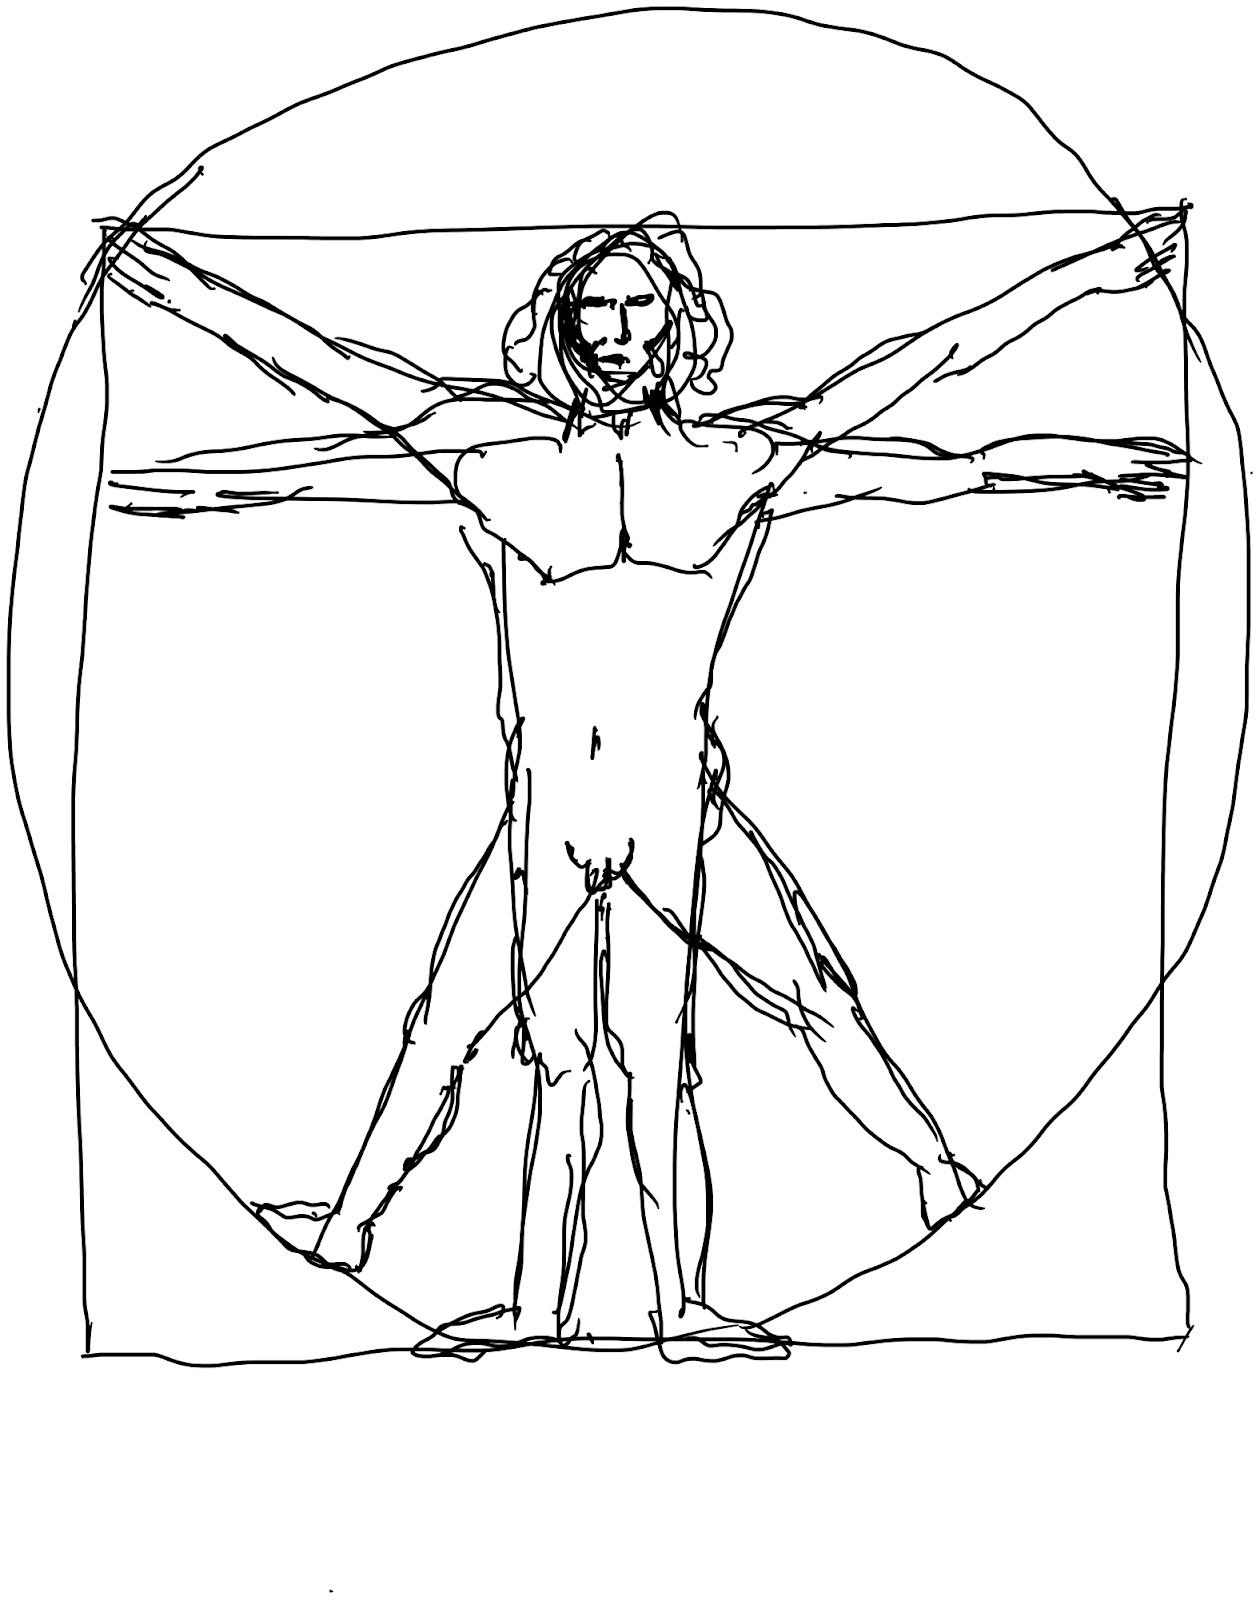 Sketch of Da Vinci's Vitruvian Man sketch